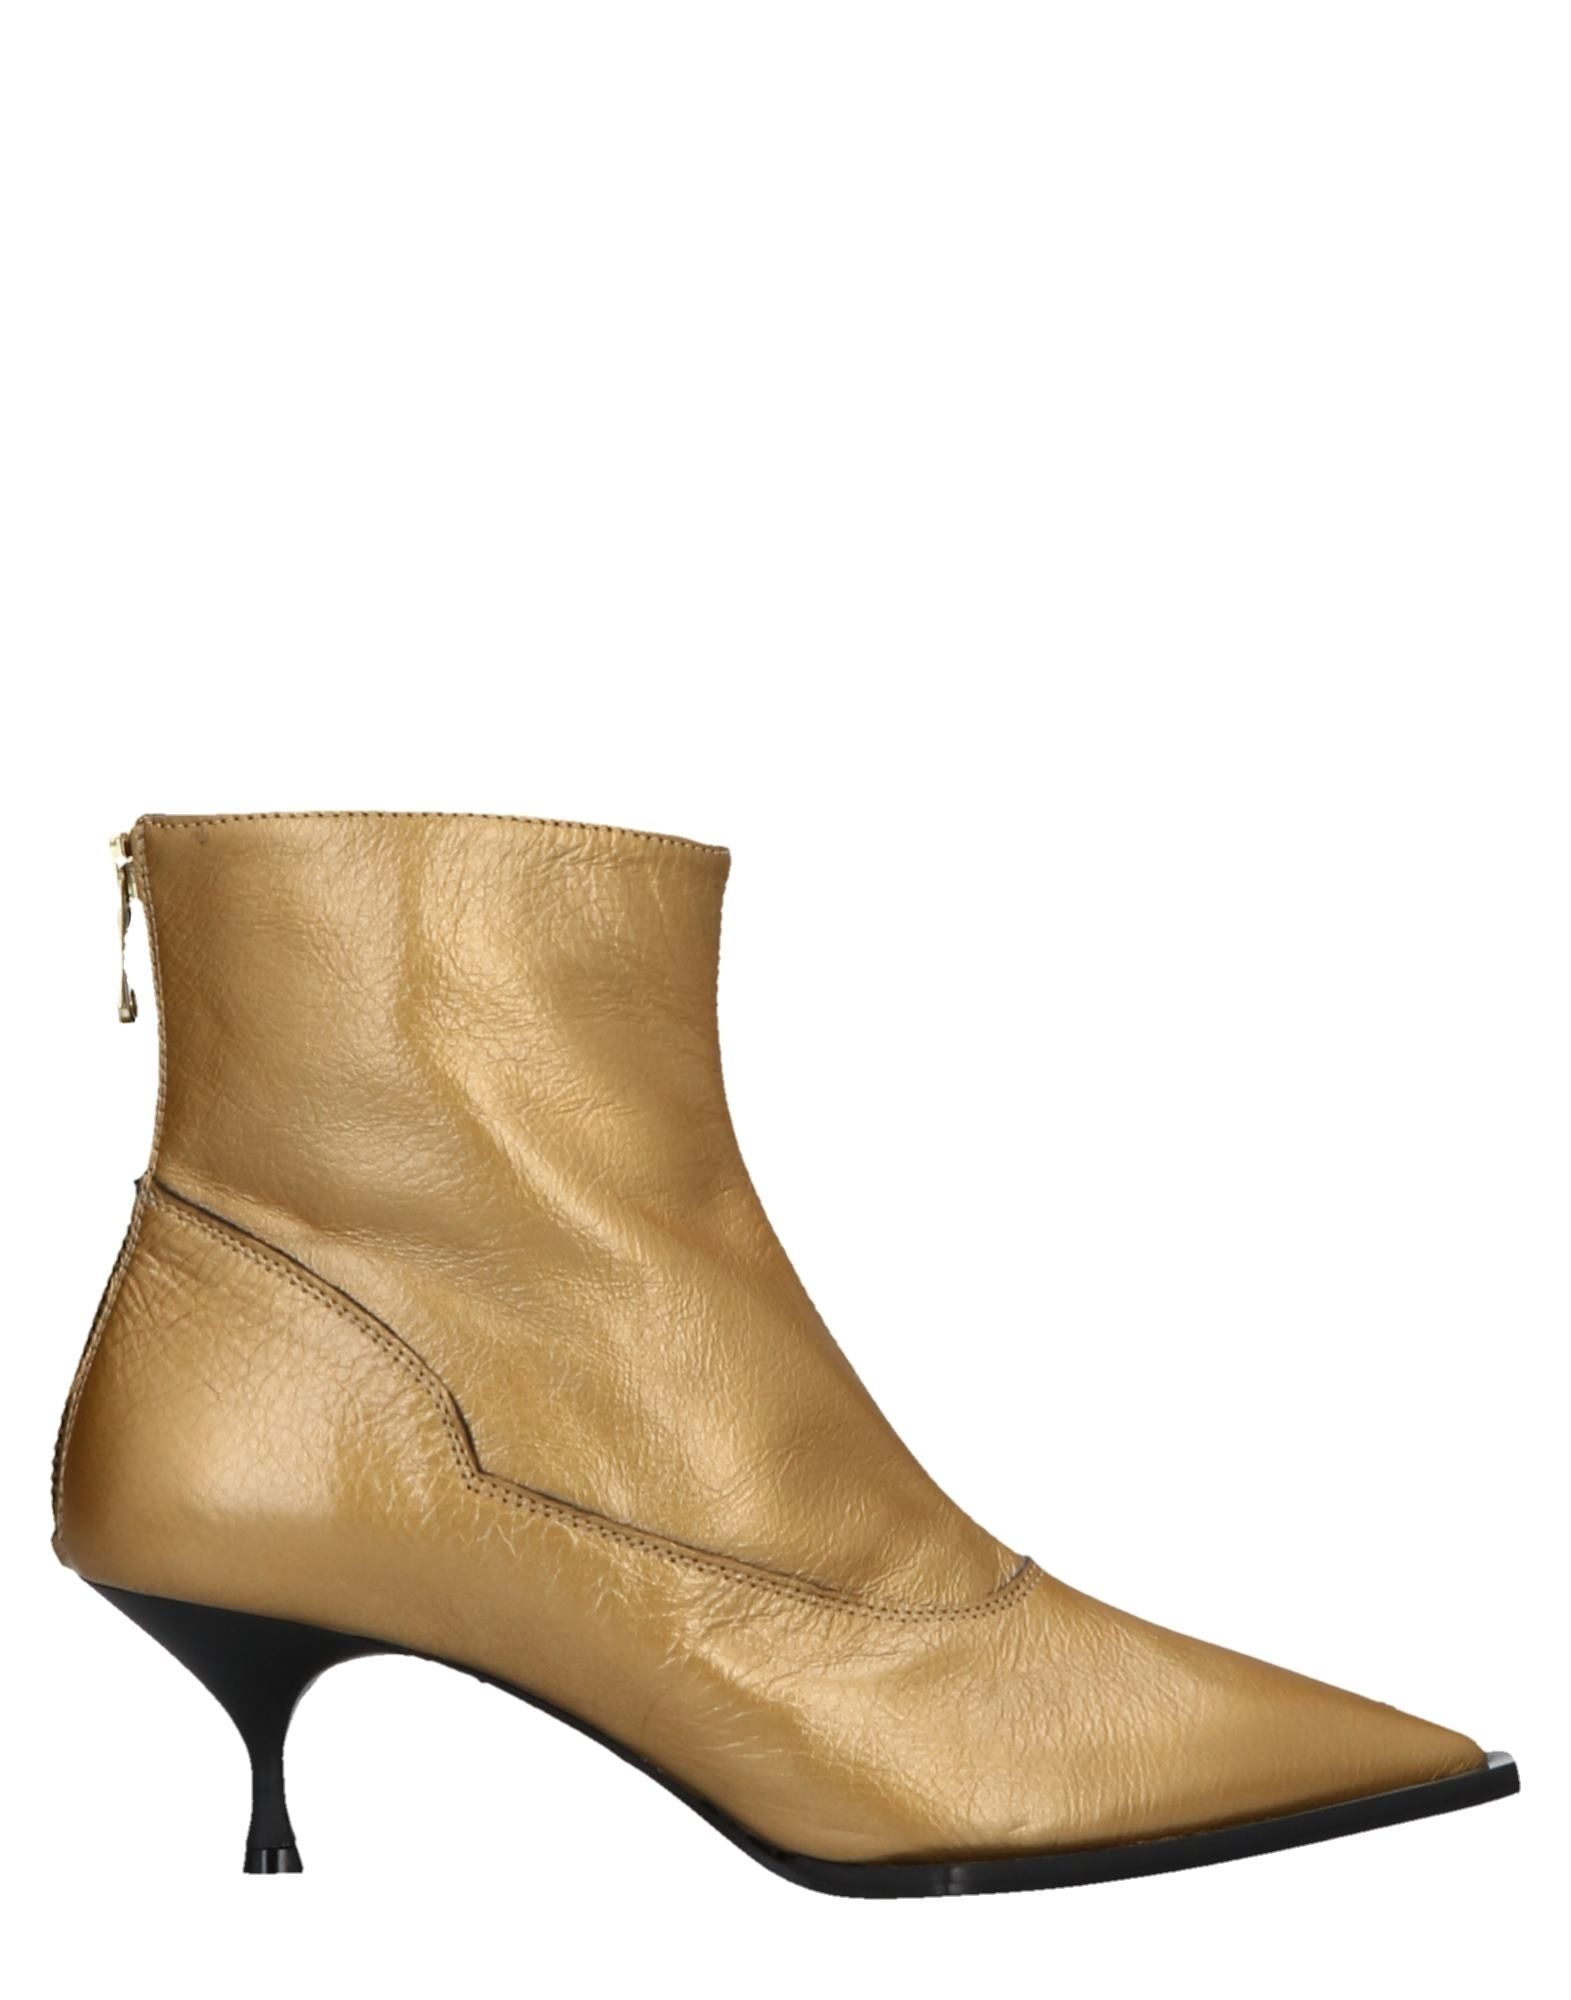 Tipe E Tacchi Schuhe Stiefelette Damen  11517447TM Neue Schuhe Tacchi f296e9